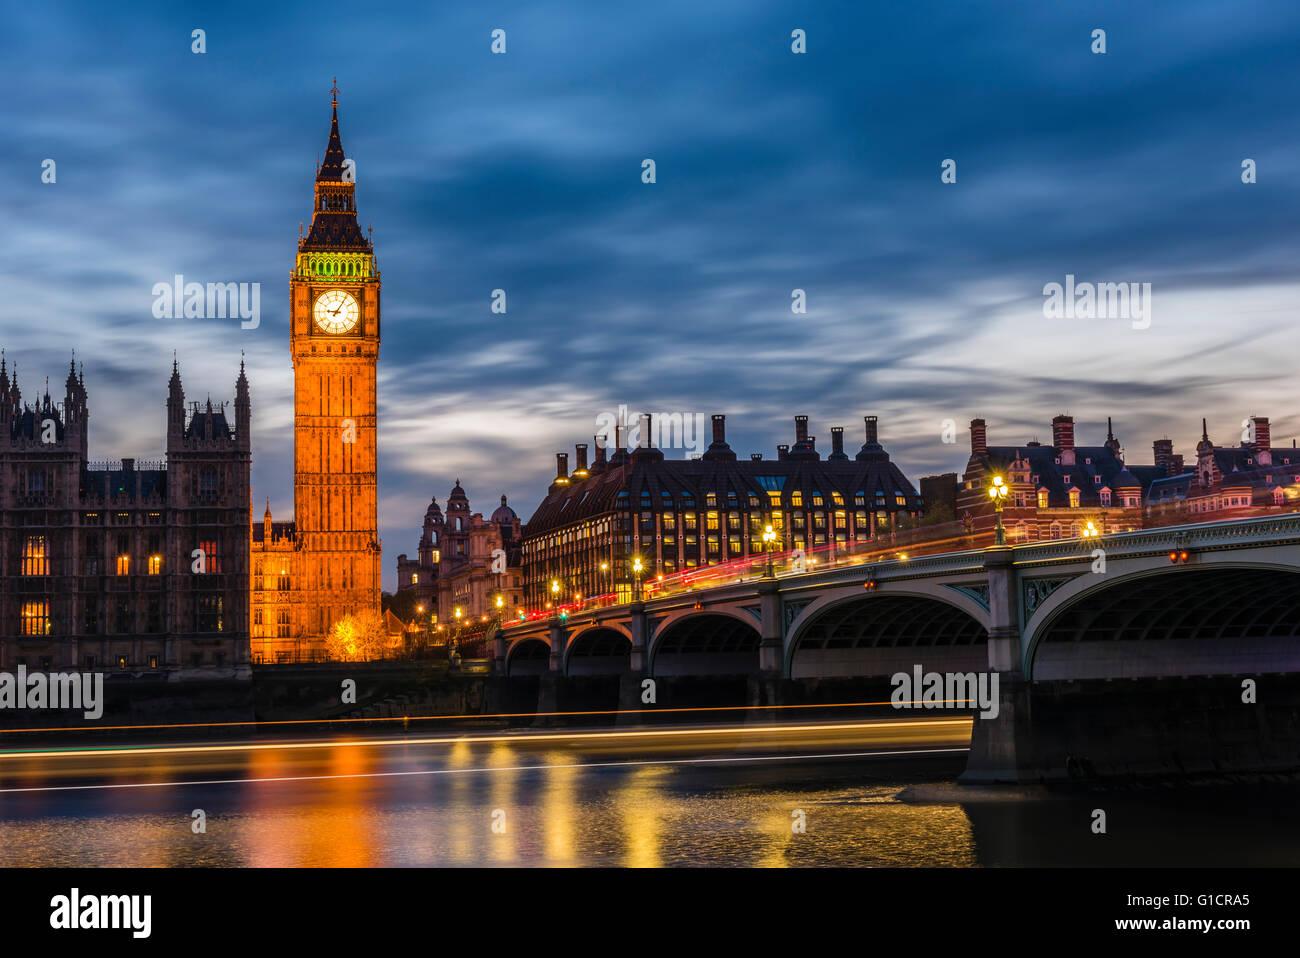 La larga exposición al anochecer de autobuses en Westminster Bridge y botes en el río Támesis, Londres, Reino Unido. Foto de stock